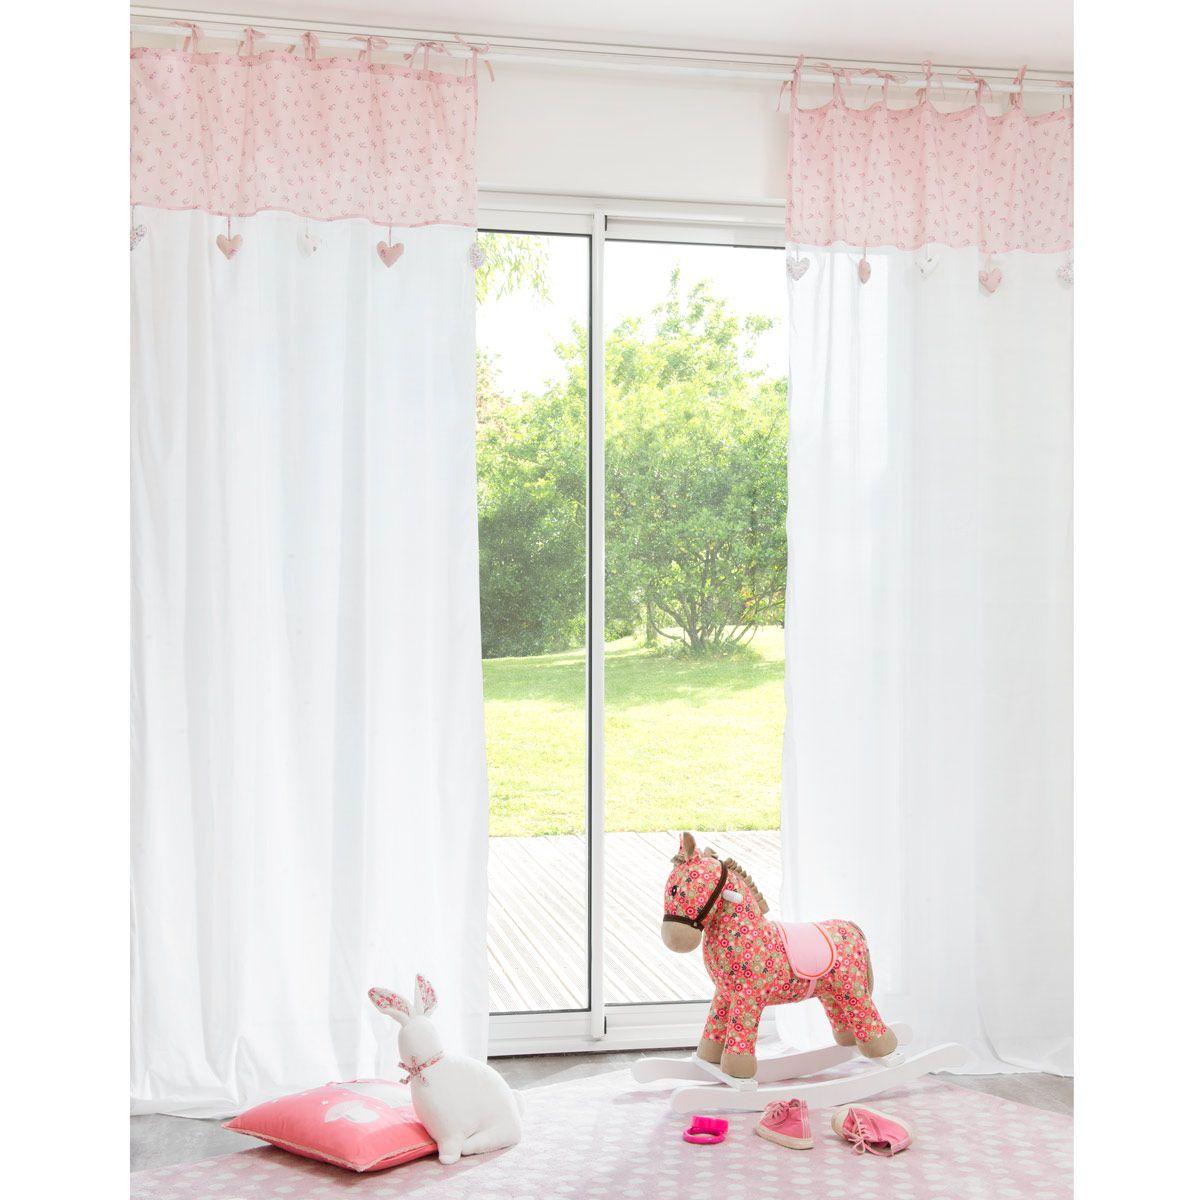 Vorhang fürs Kinderzimmer Ines | Gardinen | Pinterest | Vorhänge ...